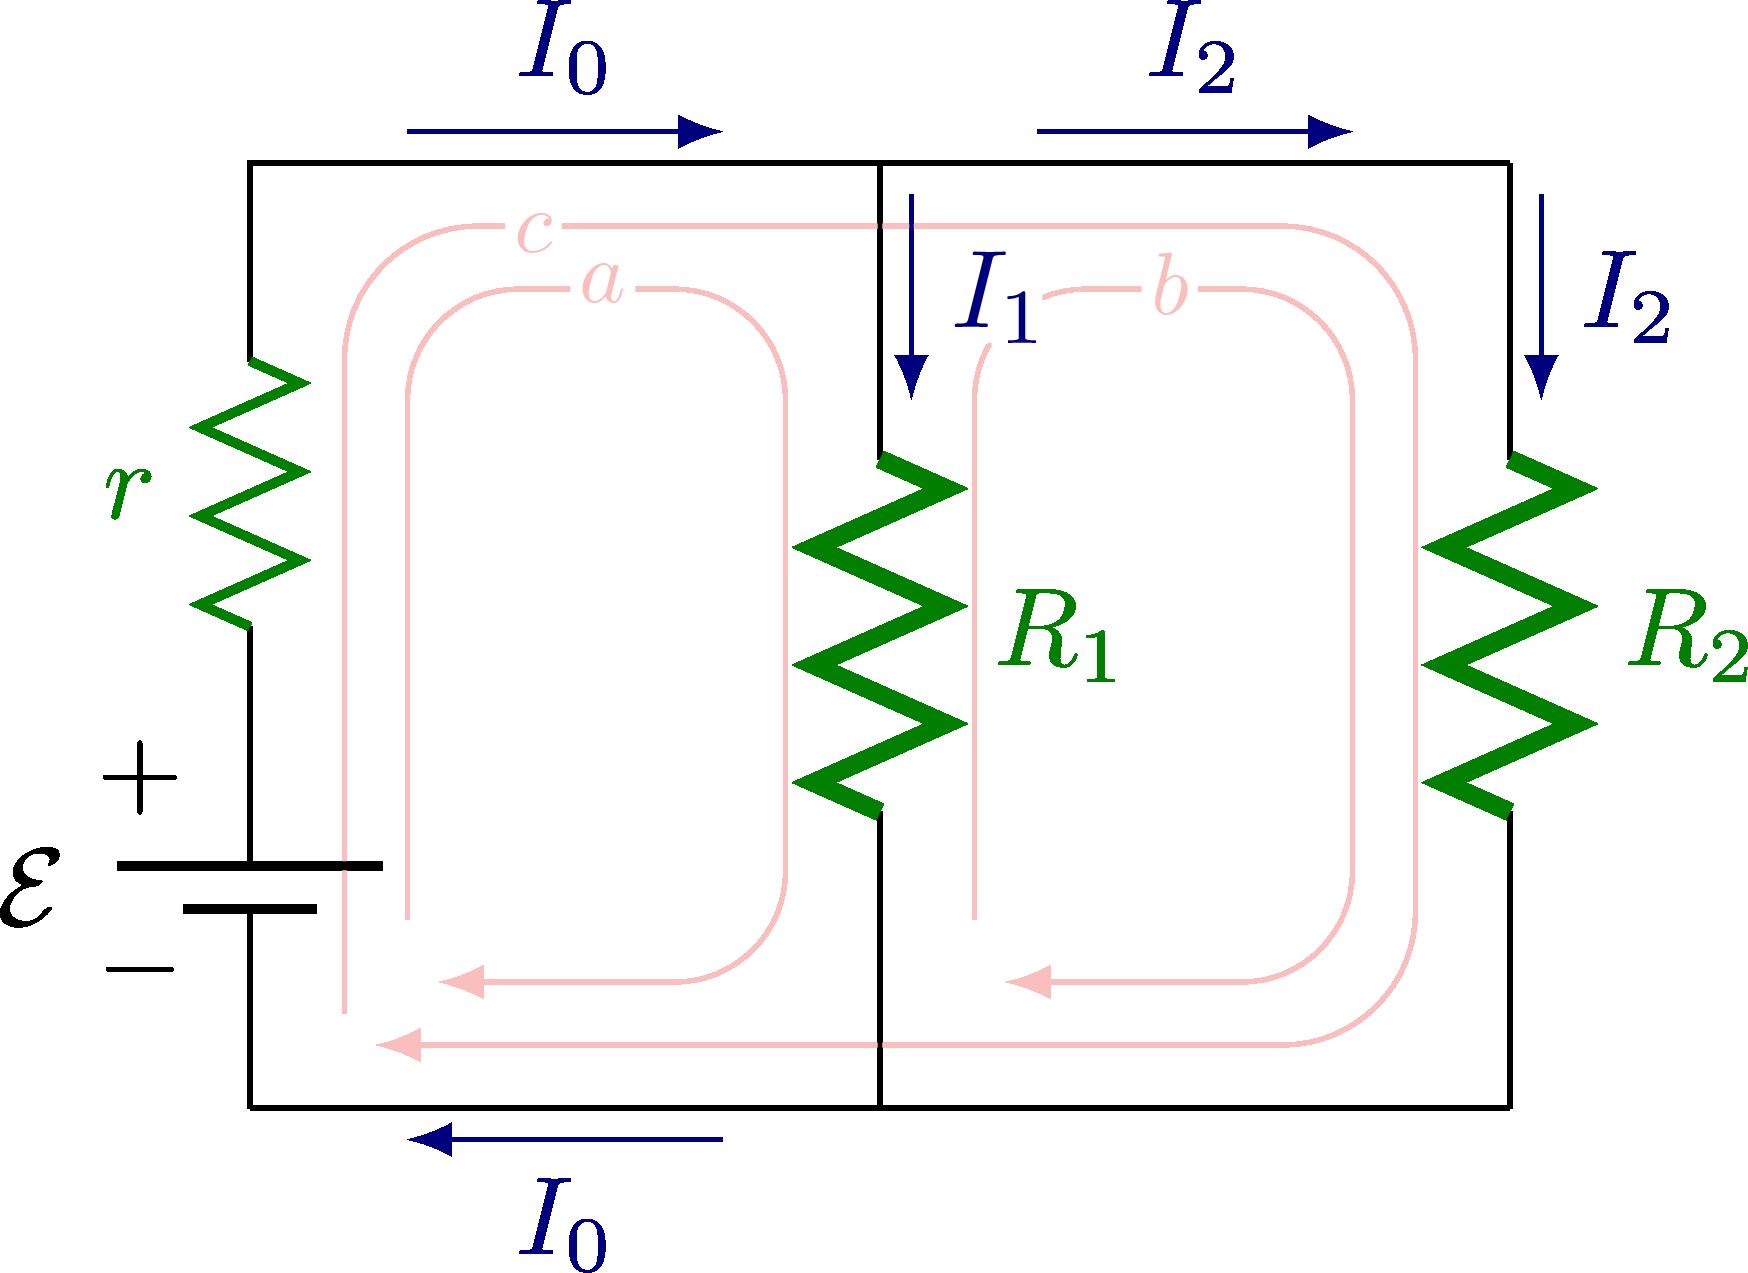 electric_circuit_resistor-012.png